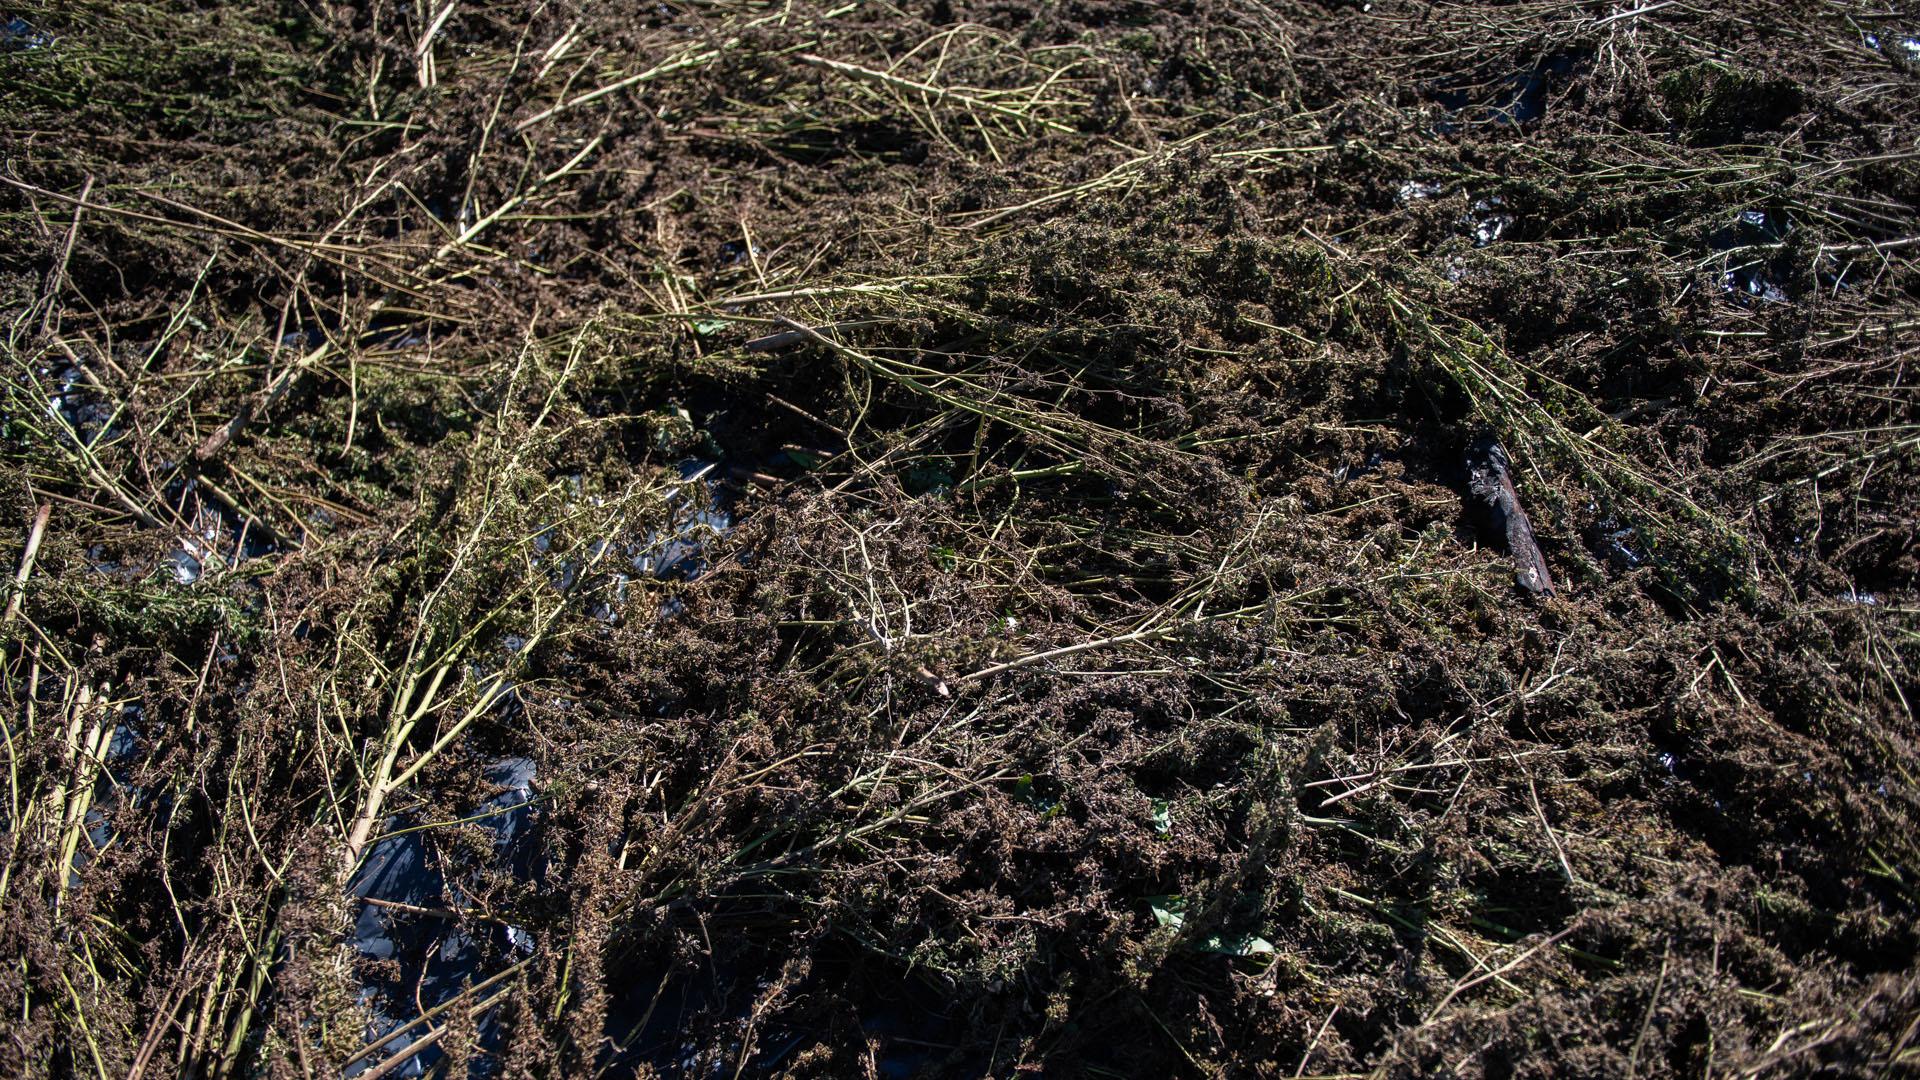 El secadero de cogollos: el proceso es desprolijo y la humedad en los capullos más gruesos genera el olor a podredumbre vegetal típico de la marihuana prensada.